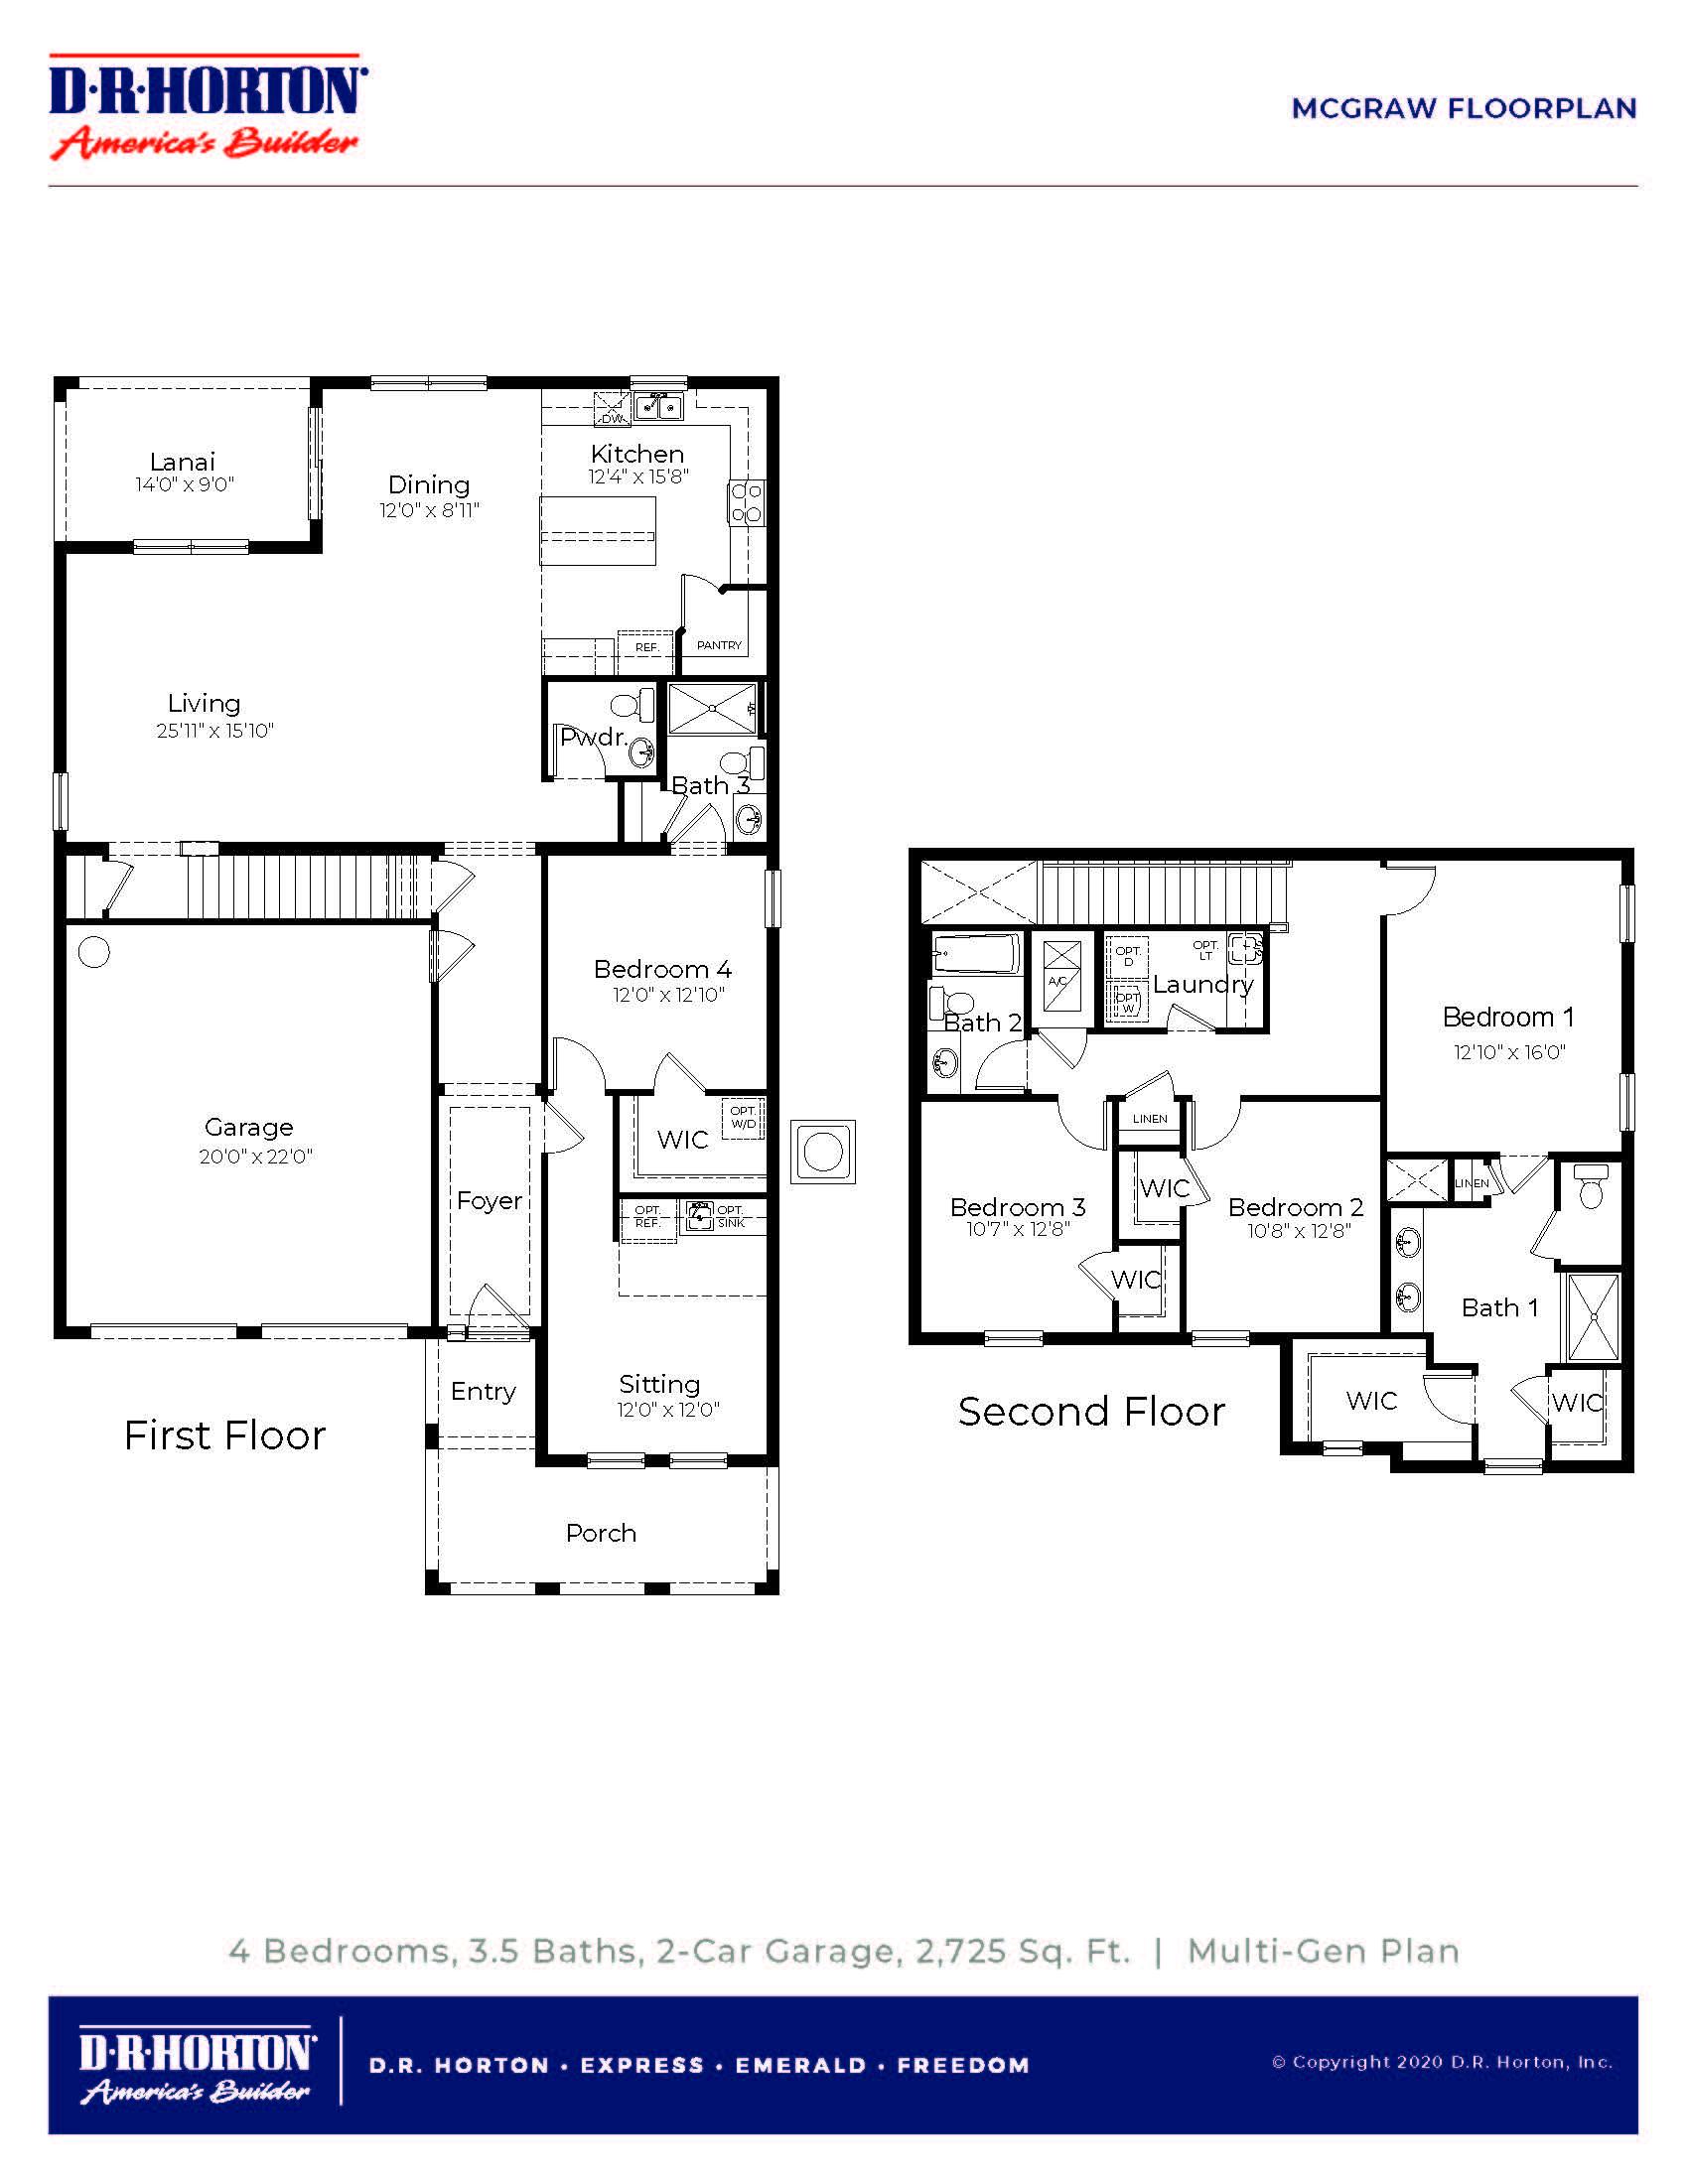 New Homes In Arborwood Groveland Fl D R Horton